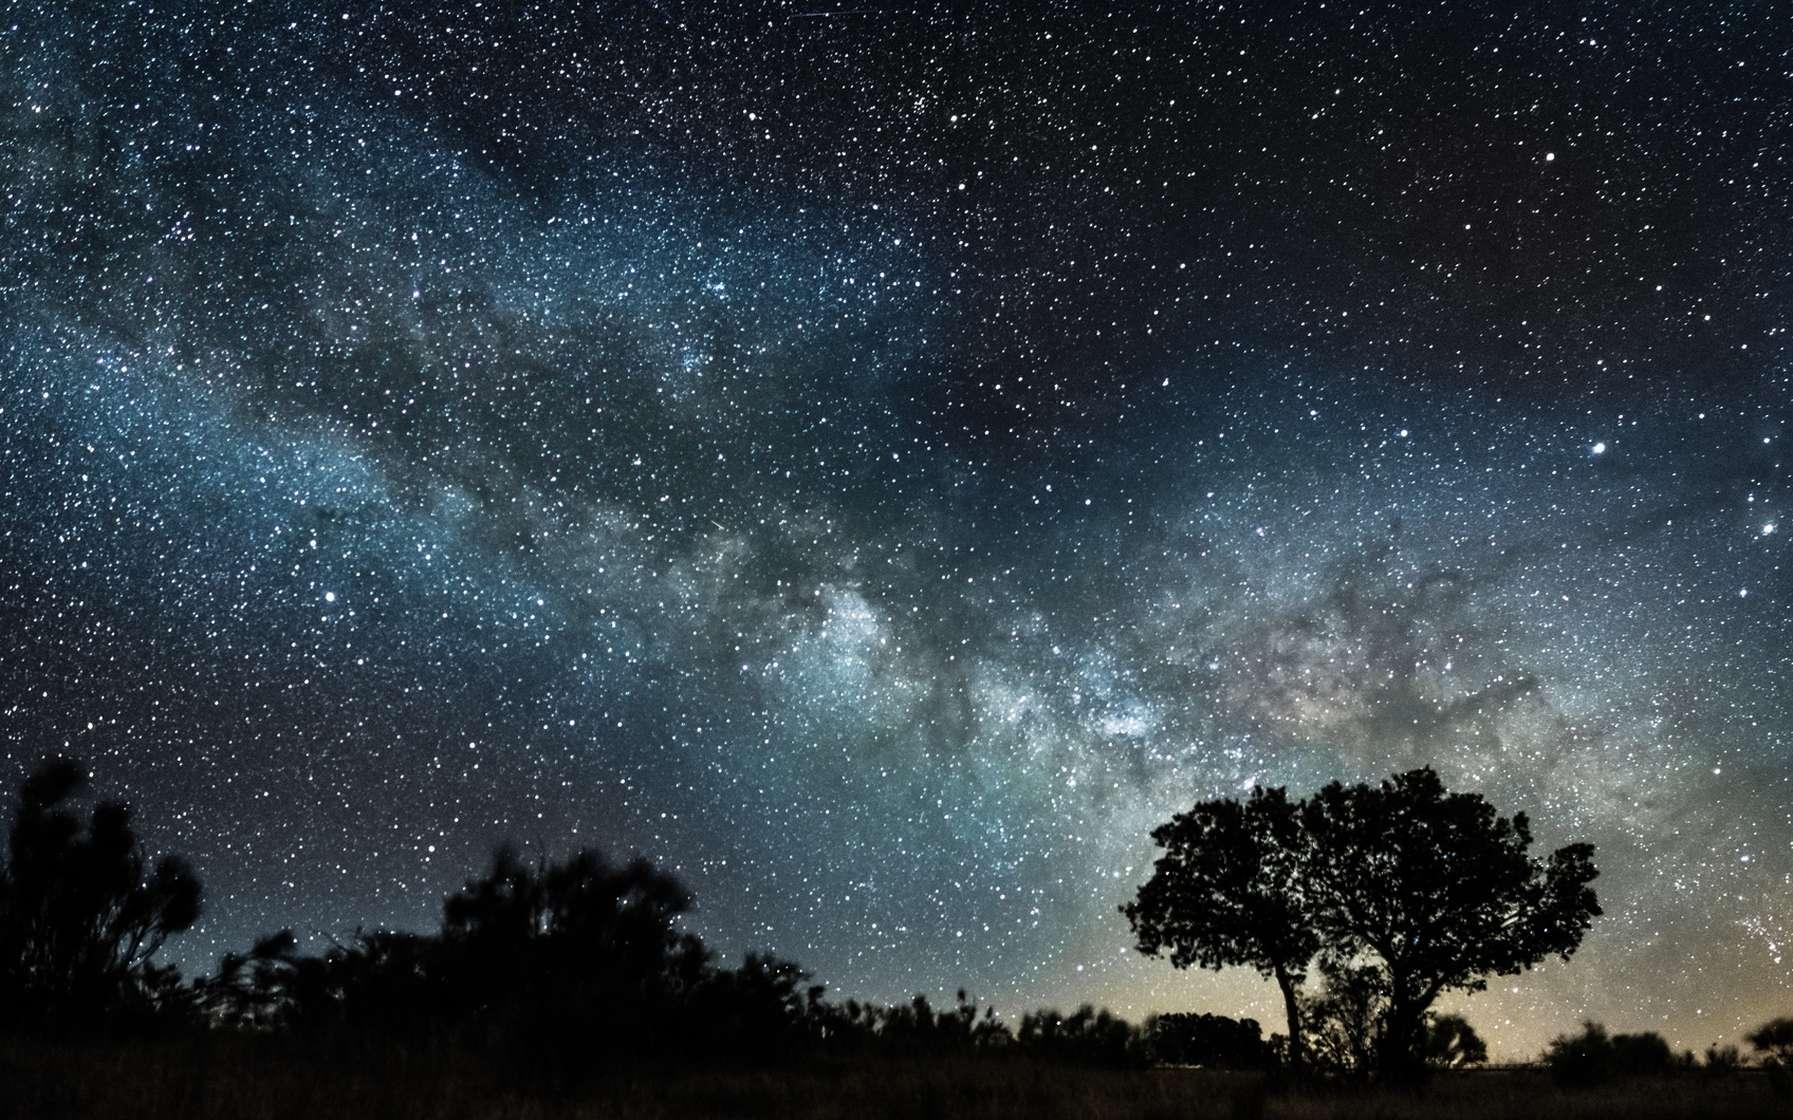 Pour voir le maximum d'étoiles à l'œil nu, mieux vaut éviter la pollution lumineuse. © Luis, fotolia